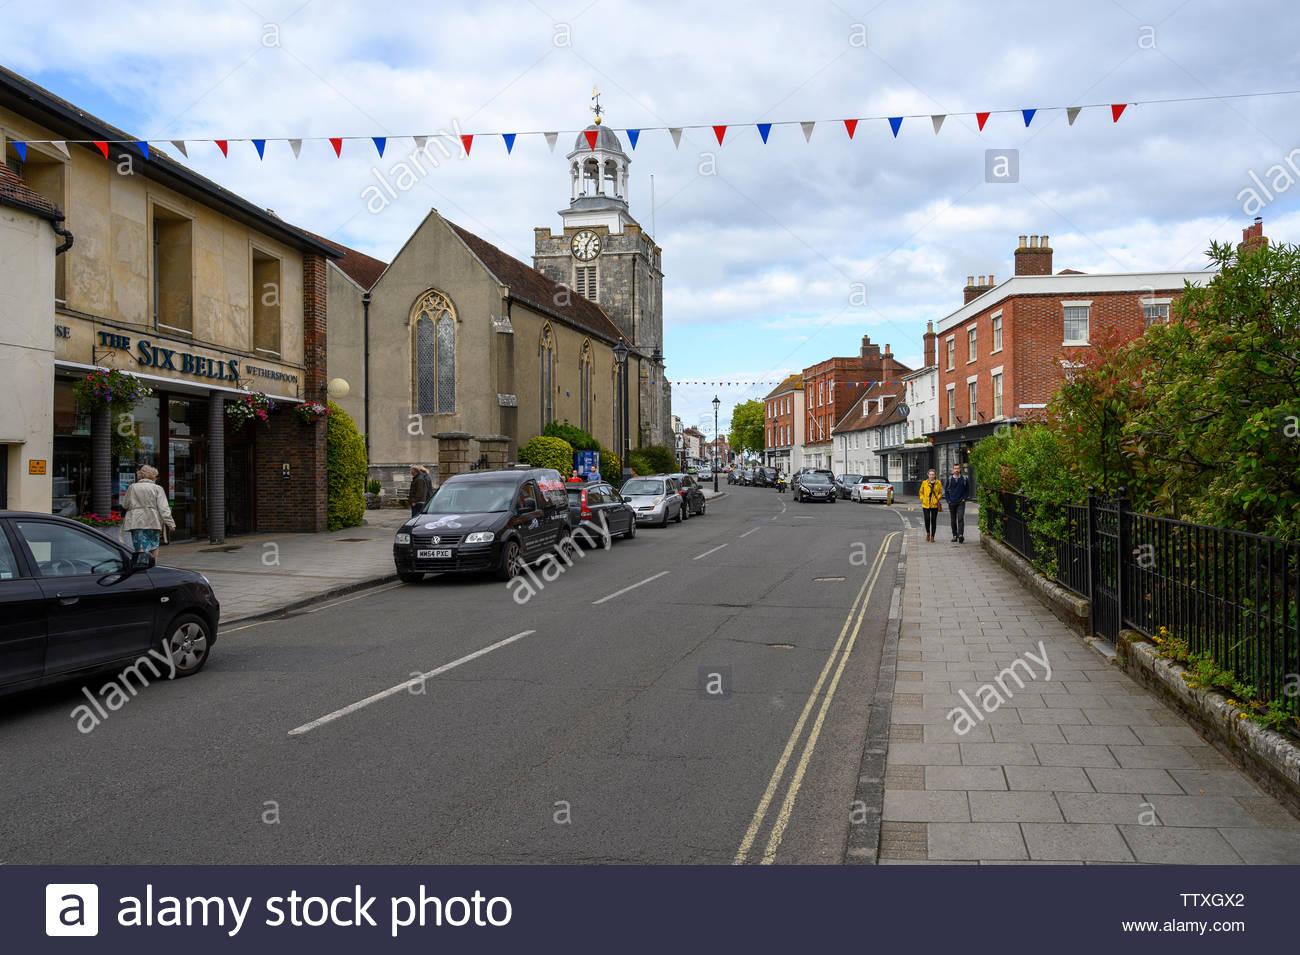 St Thomas Street, Lymington, Hampshire, England, UK - Stock Image